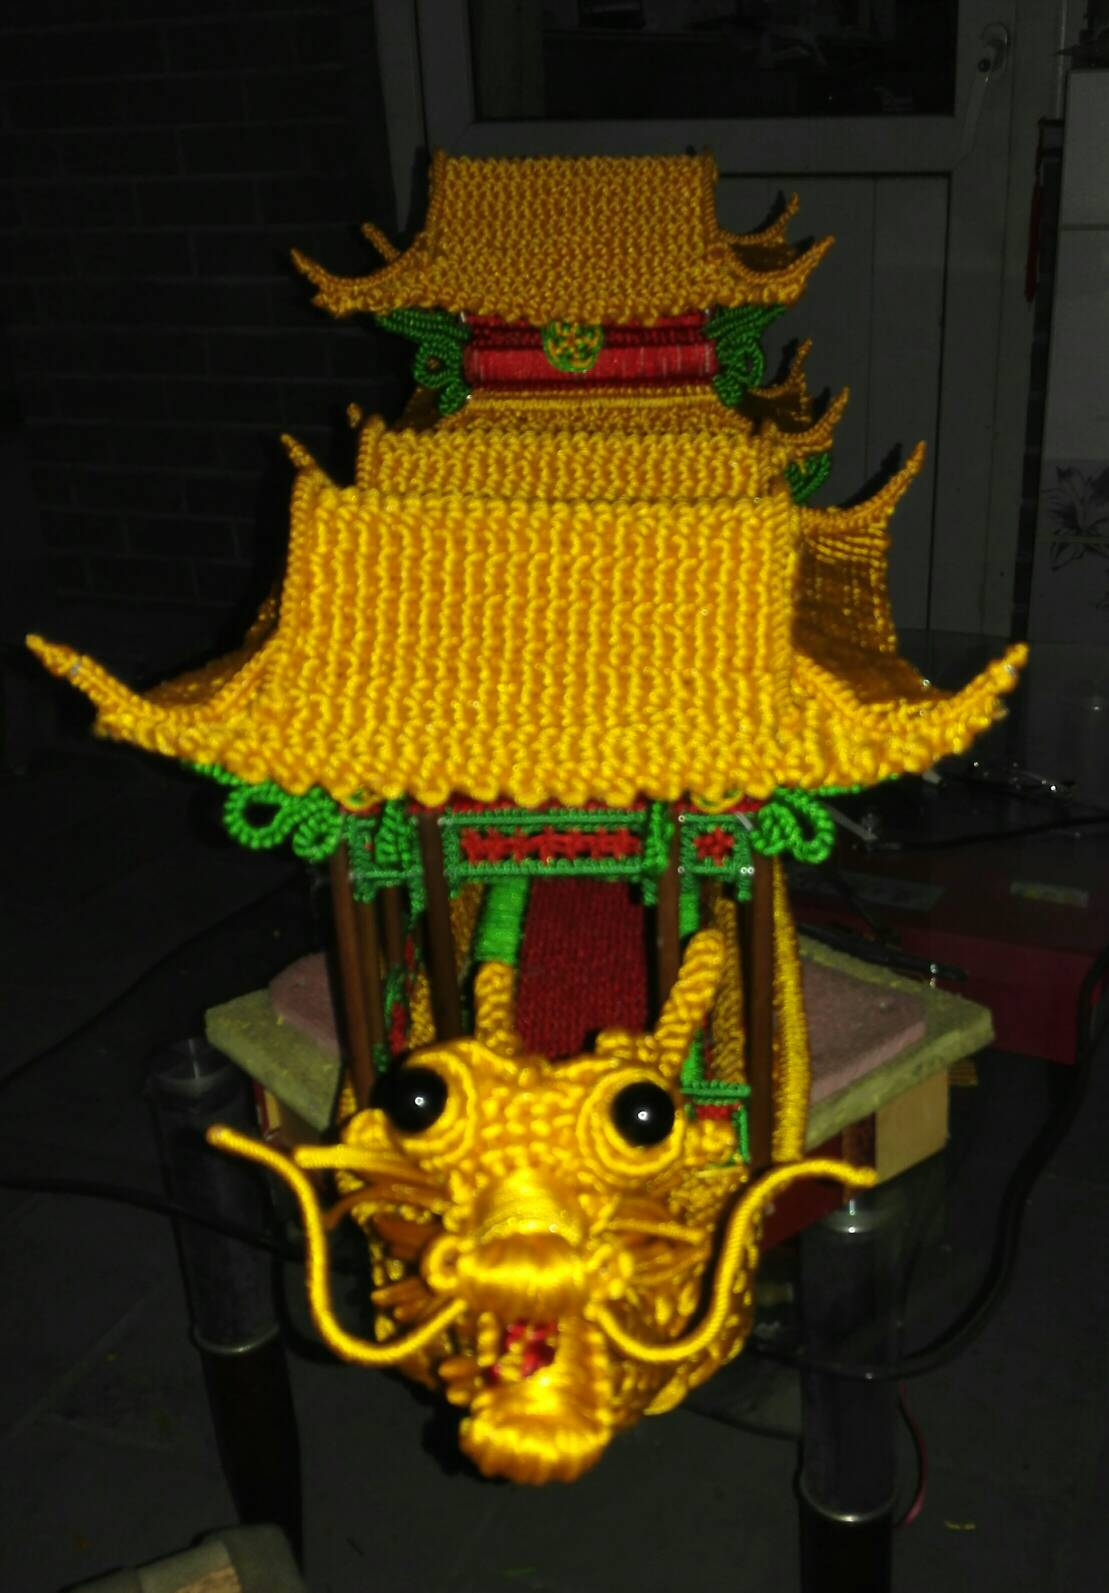 中国结论坛 斜卷小物件  立体绳结教程与交流区 213023p4cd4c8mmcqca8dh